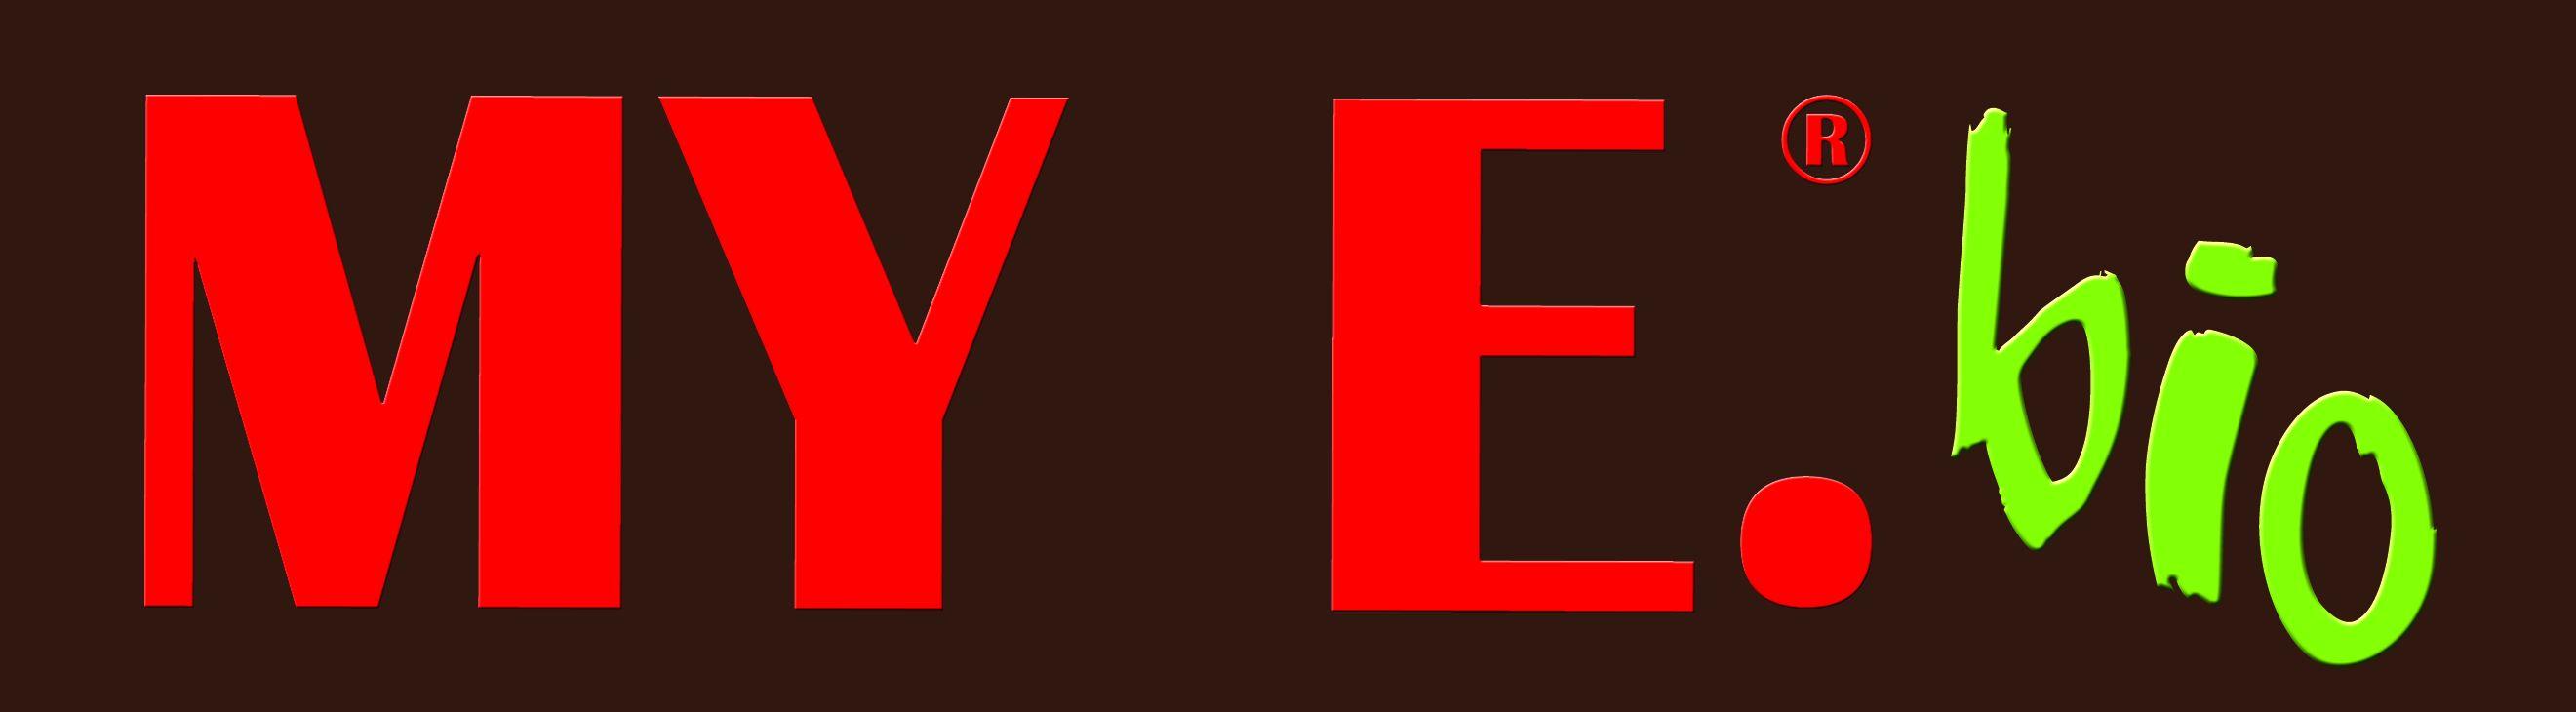 MY E bio logo 25112011